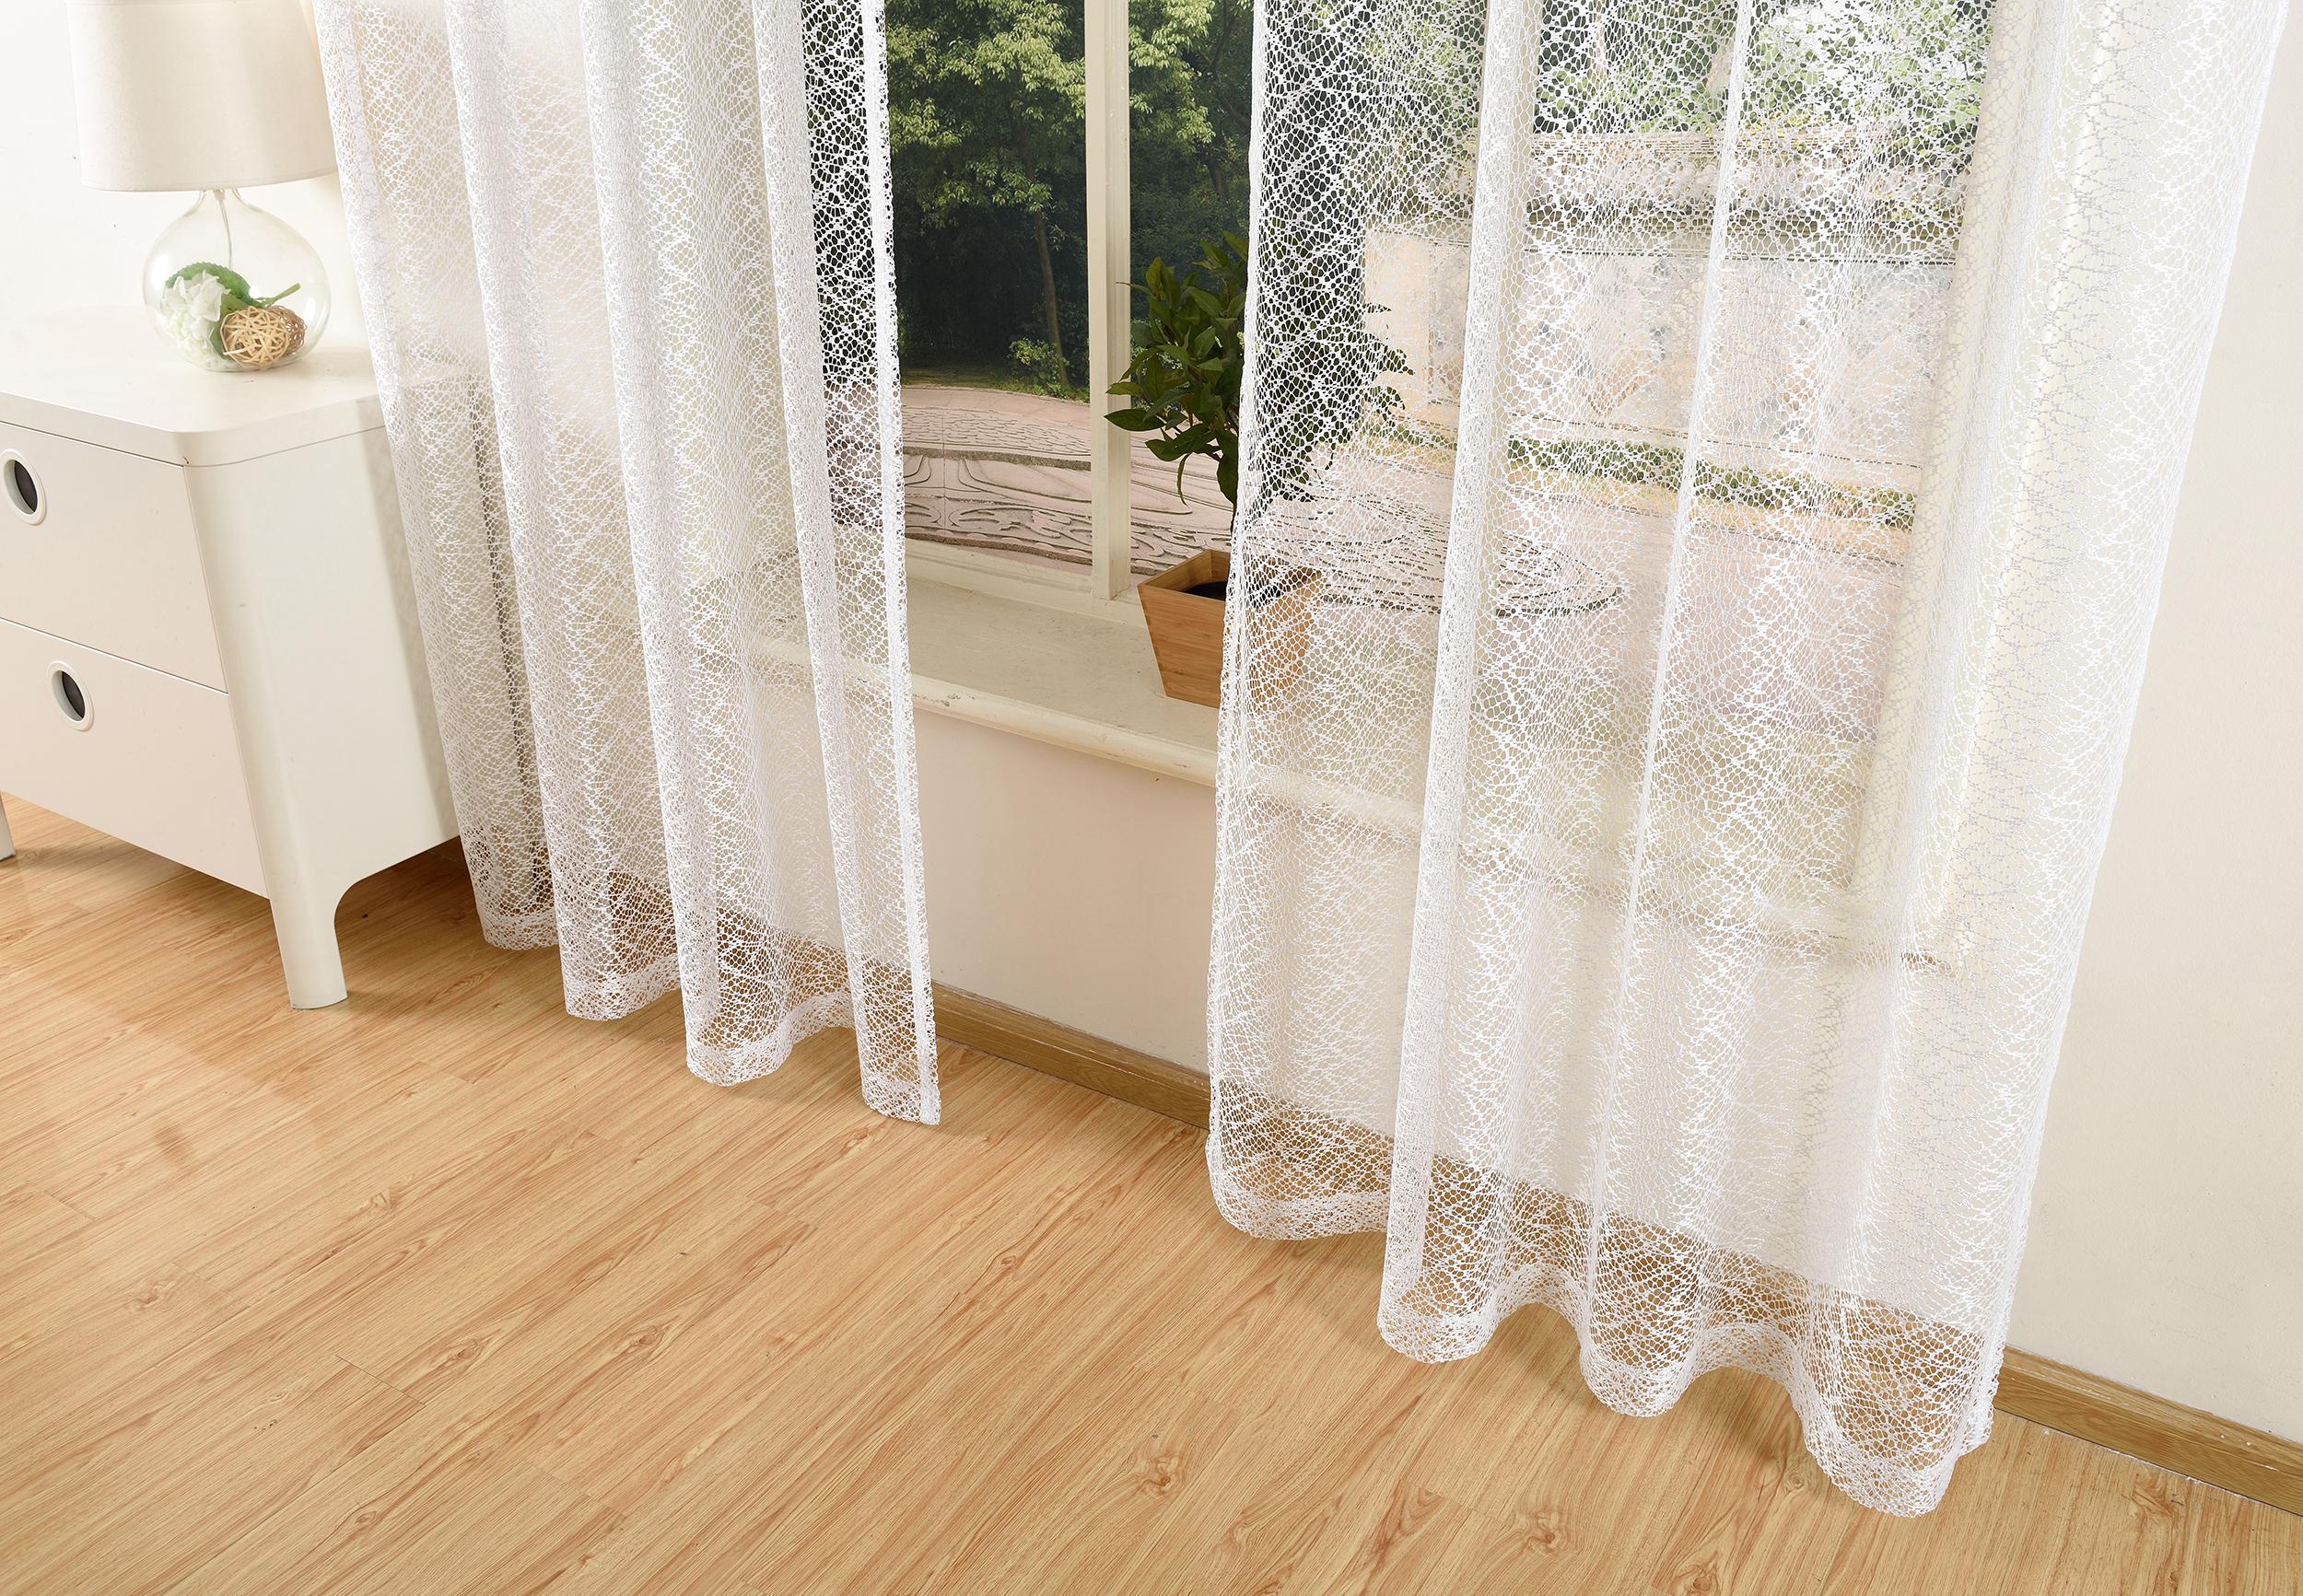 gardine netzvorhang mit sen einfarbig transparent 245x140 wei ebay. Black Bedroom Furniture Sets. Home Design Ideas